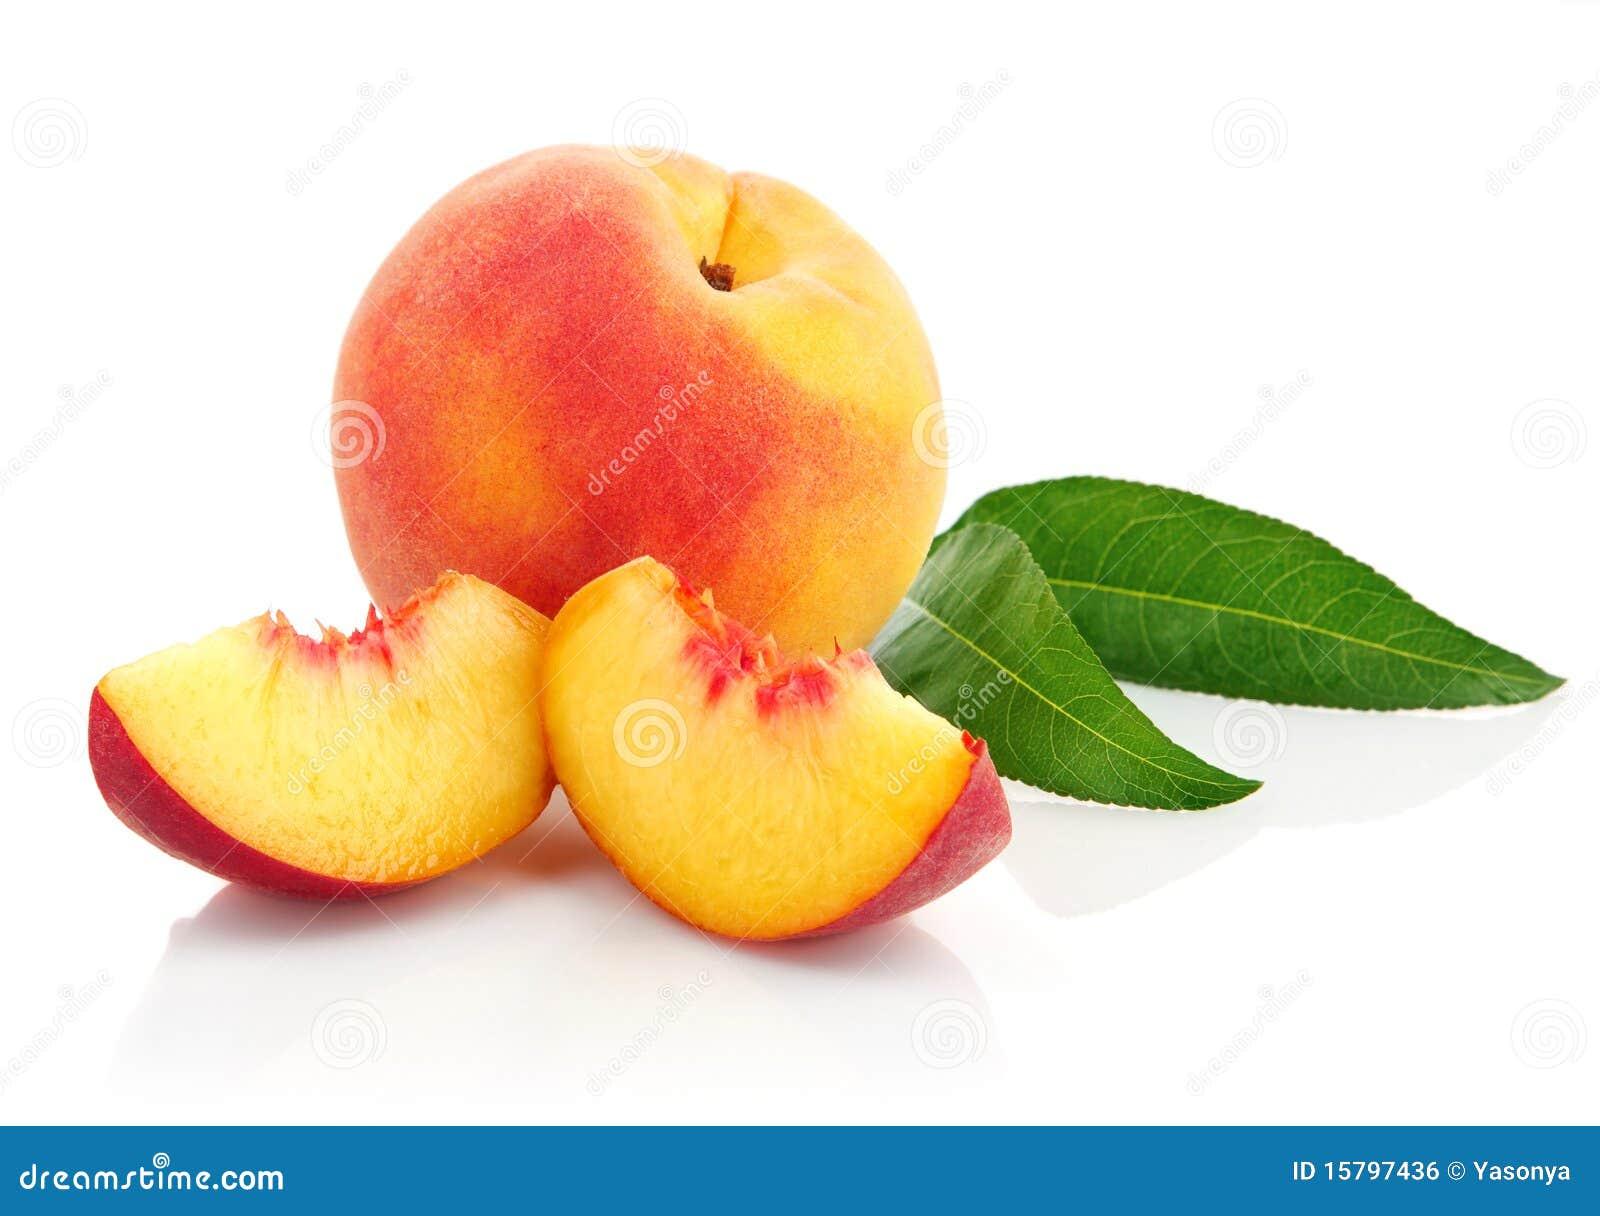 Ny fruktgreen låter vara persikan